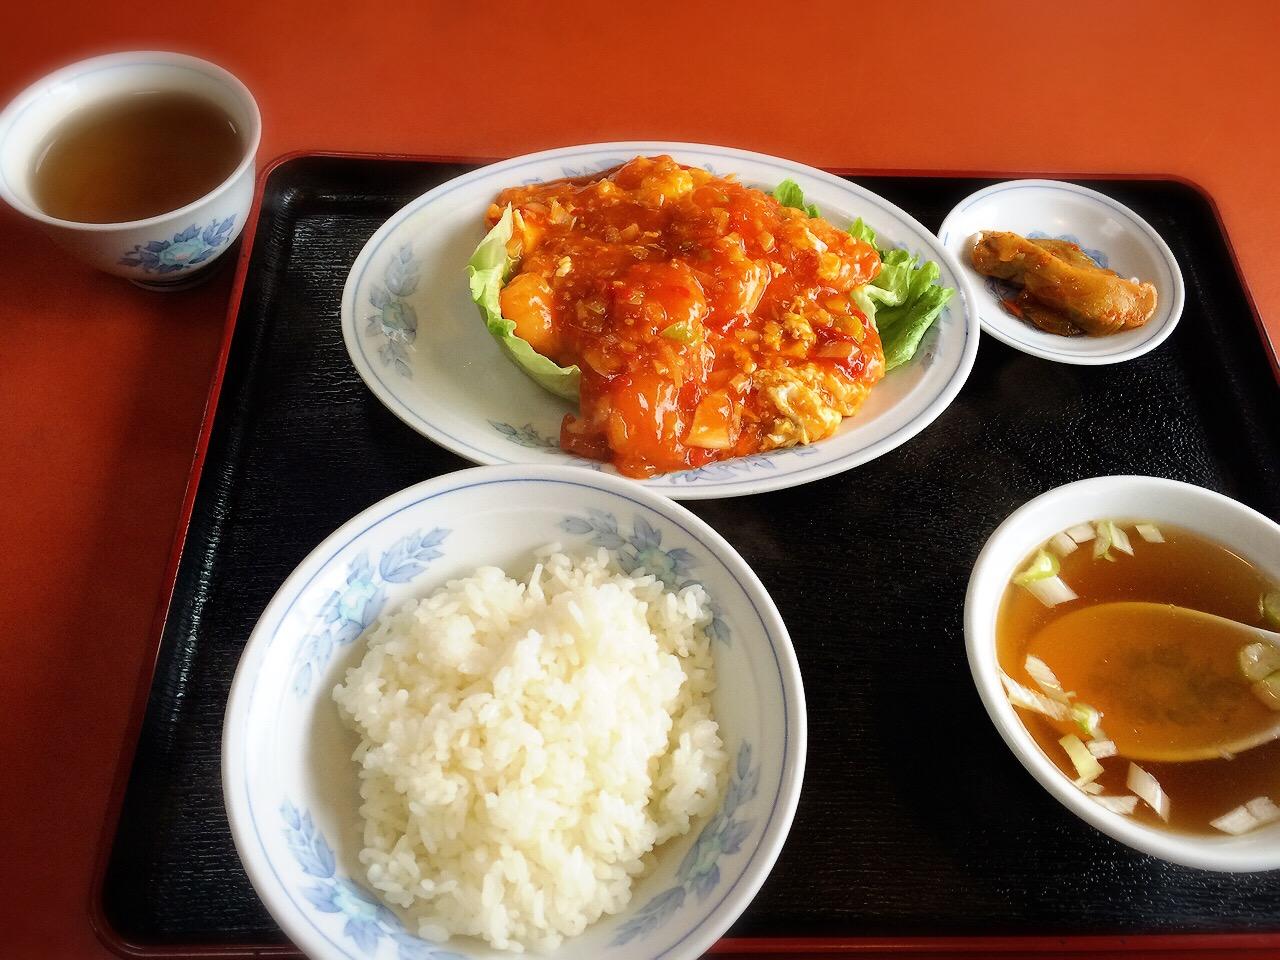 川崎市地方卸売市場南部市場食堂中華東方紅飯店